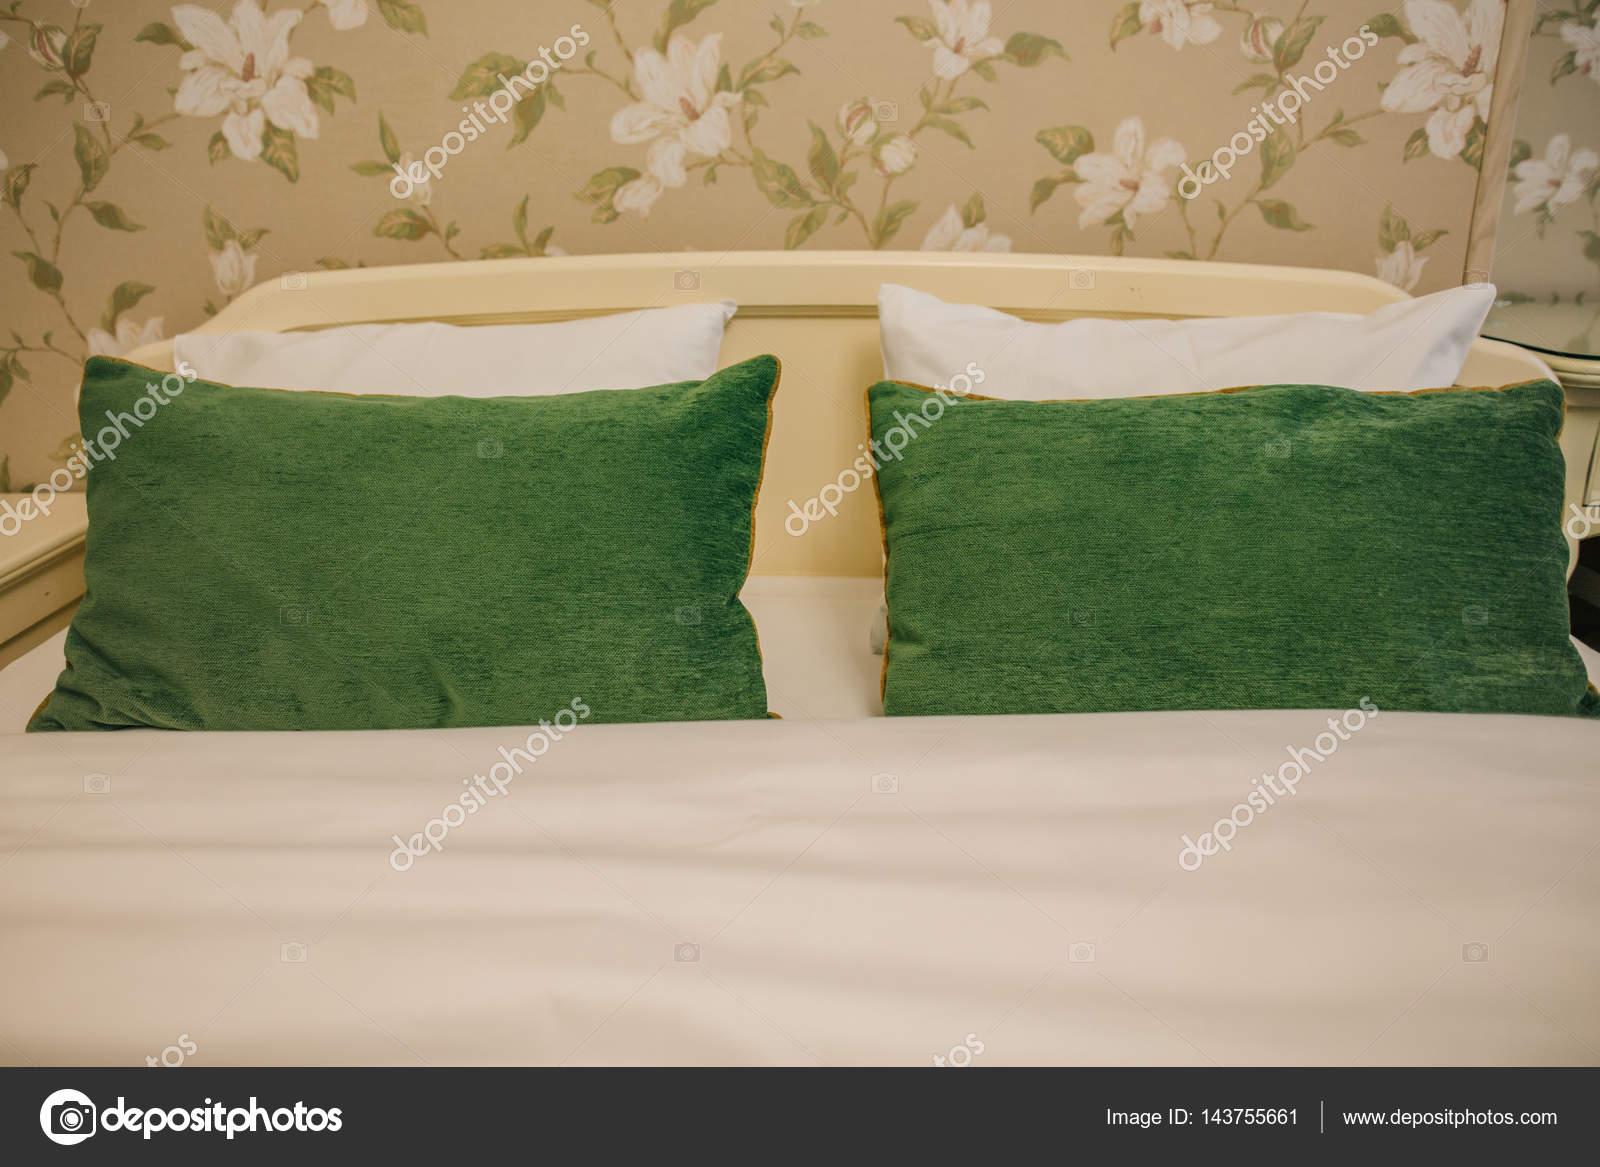 łóżko I Zielone Poduszki Zdjęcie Stockowe Vaksmanv101